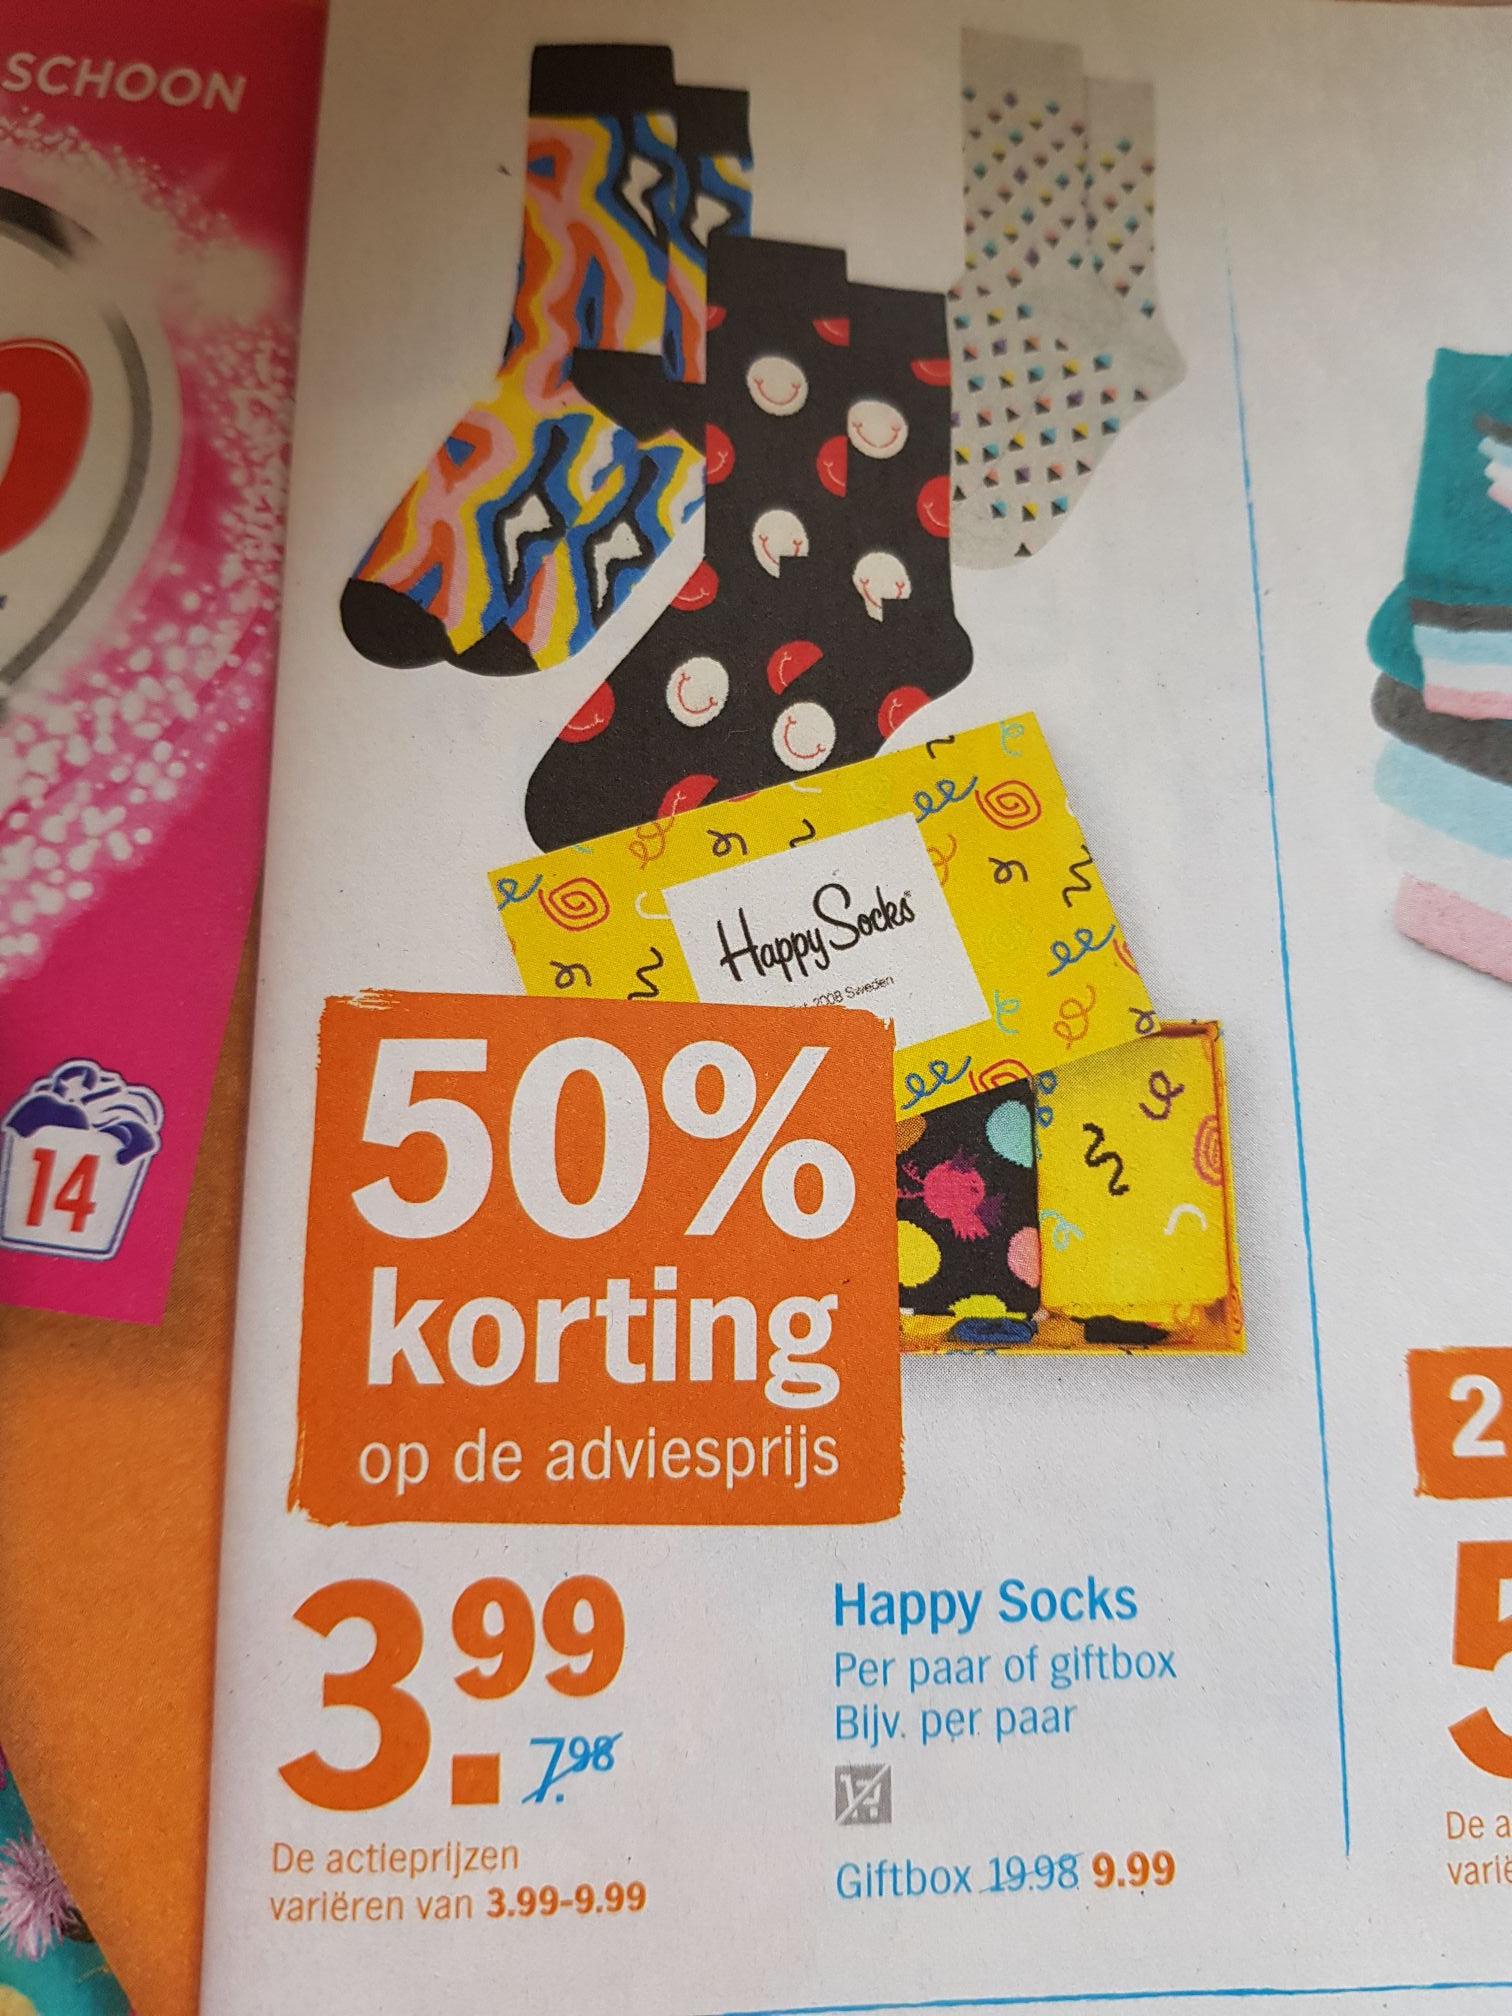 Happy Socks giftbox voor €9,99 bij AH